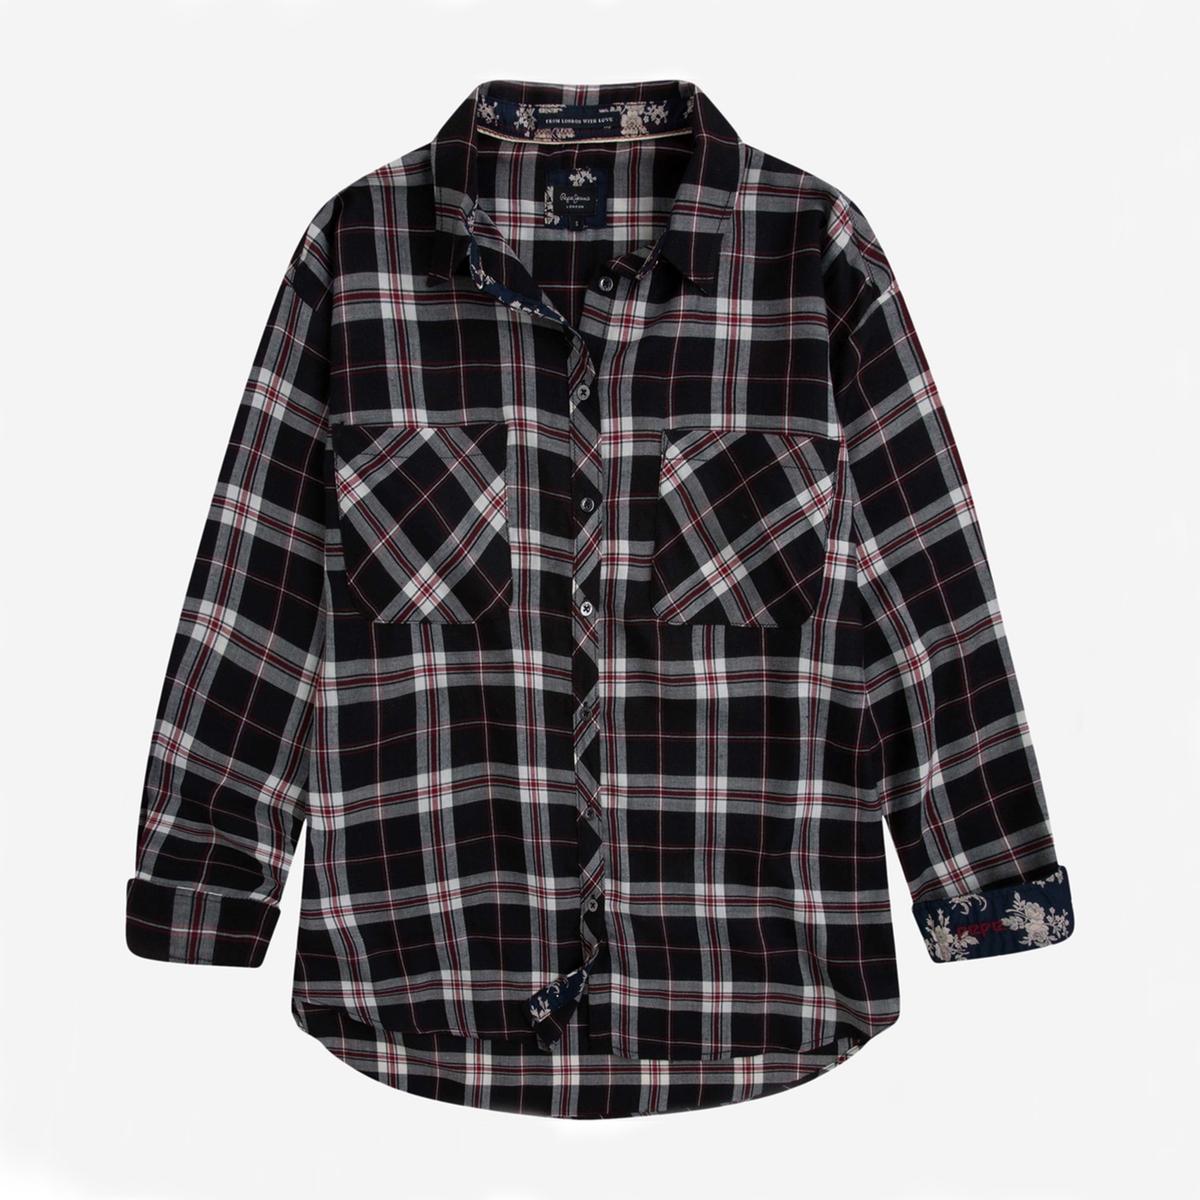 Camisa a cuadros con bolsillos en el pecho